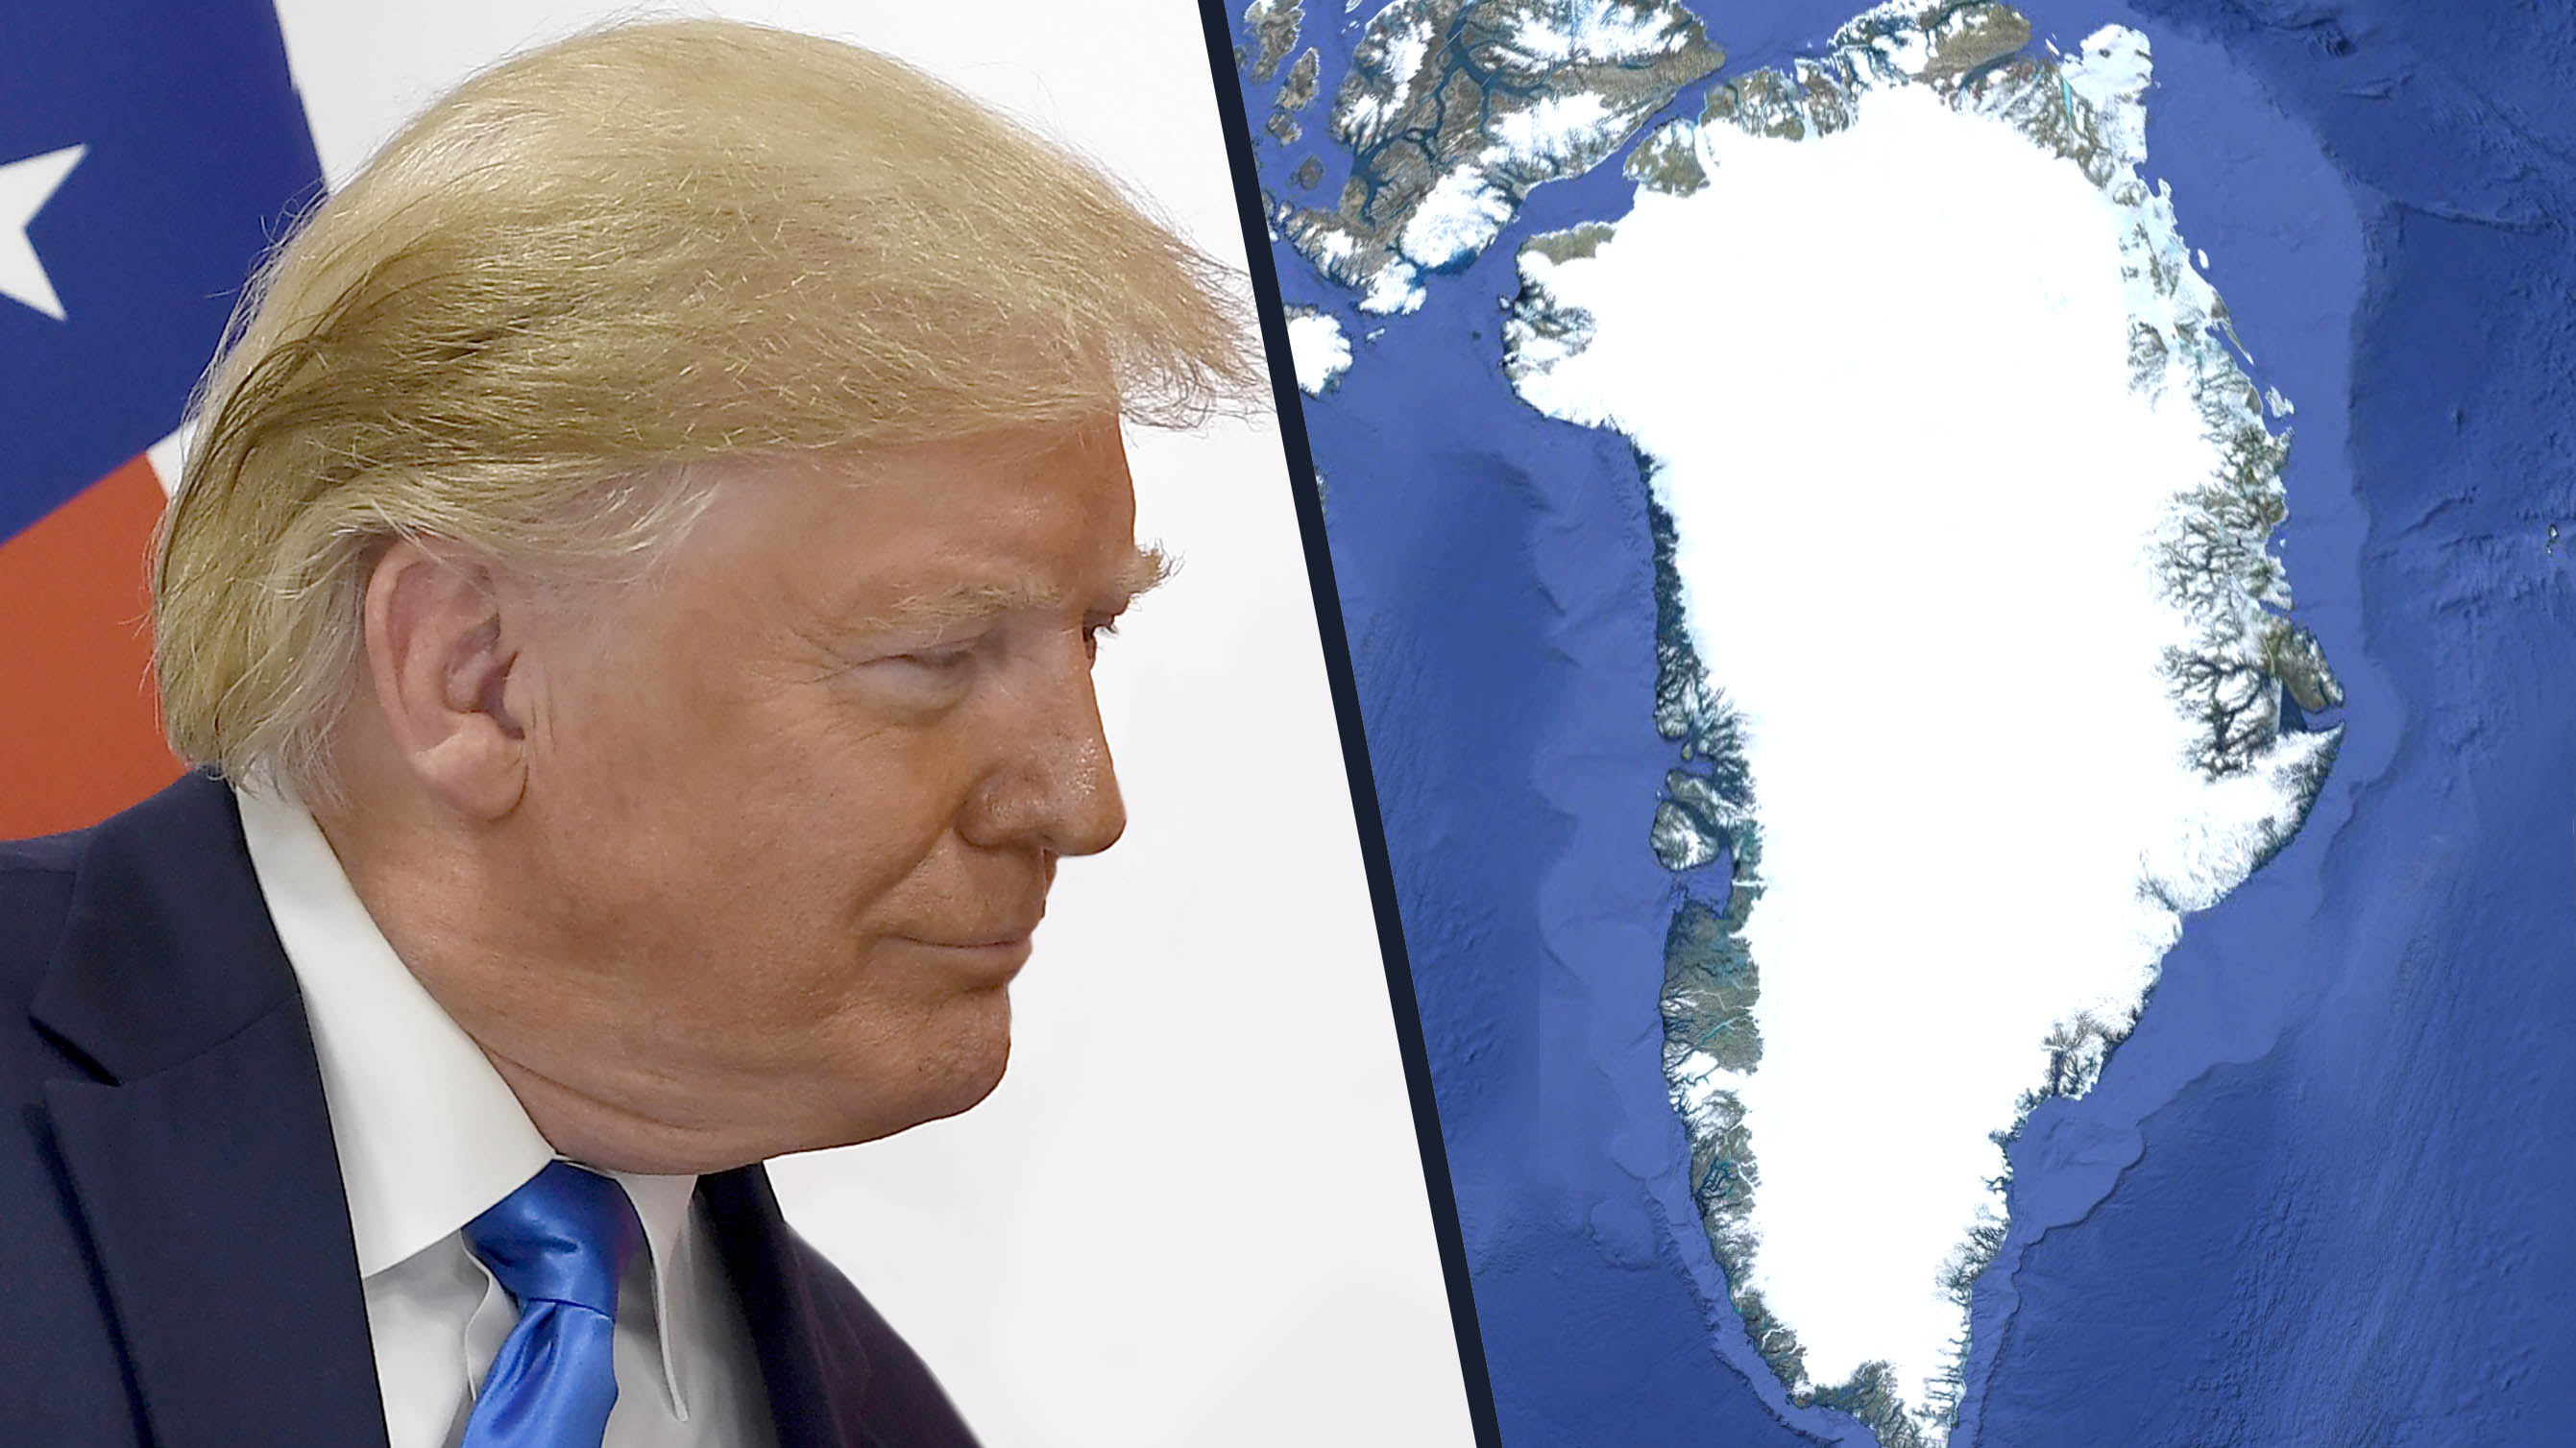 Los encantos de Groenlandia que seducen a Trump